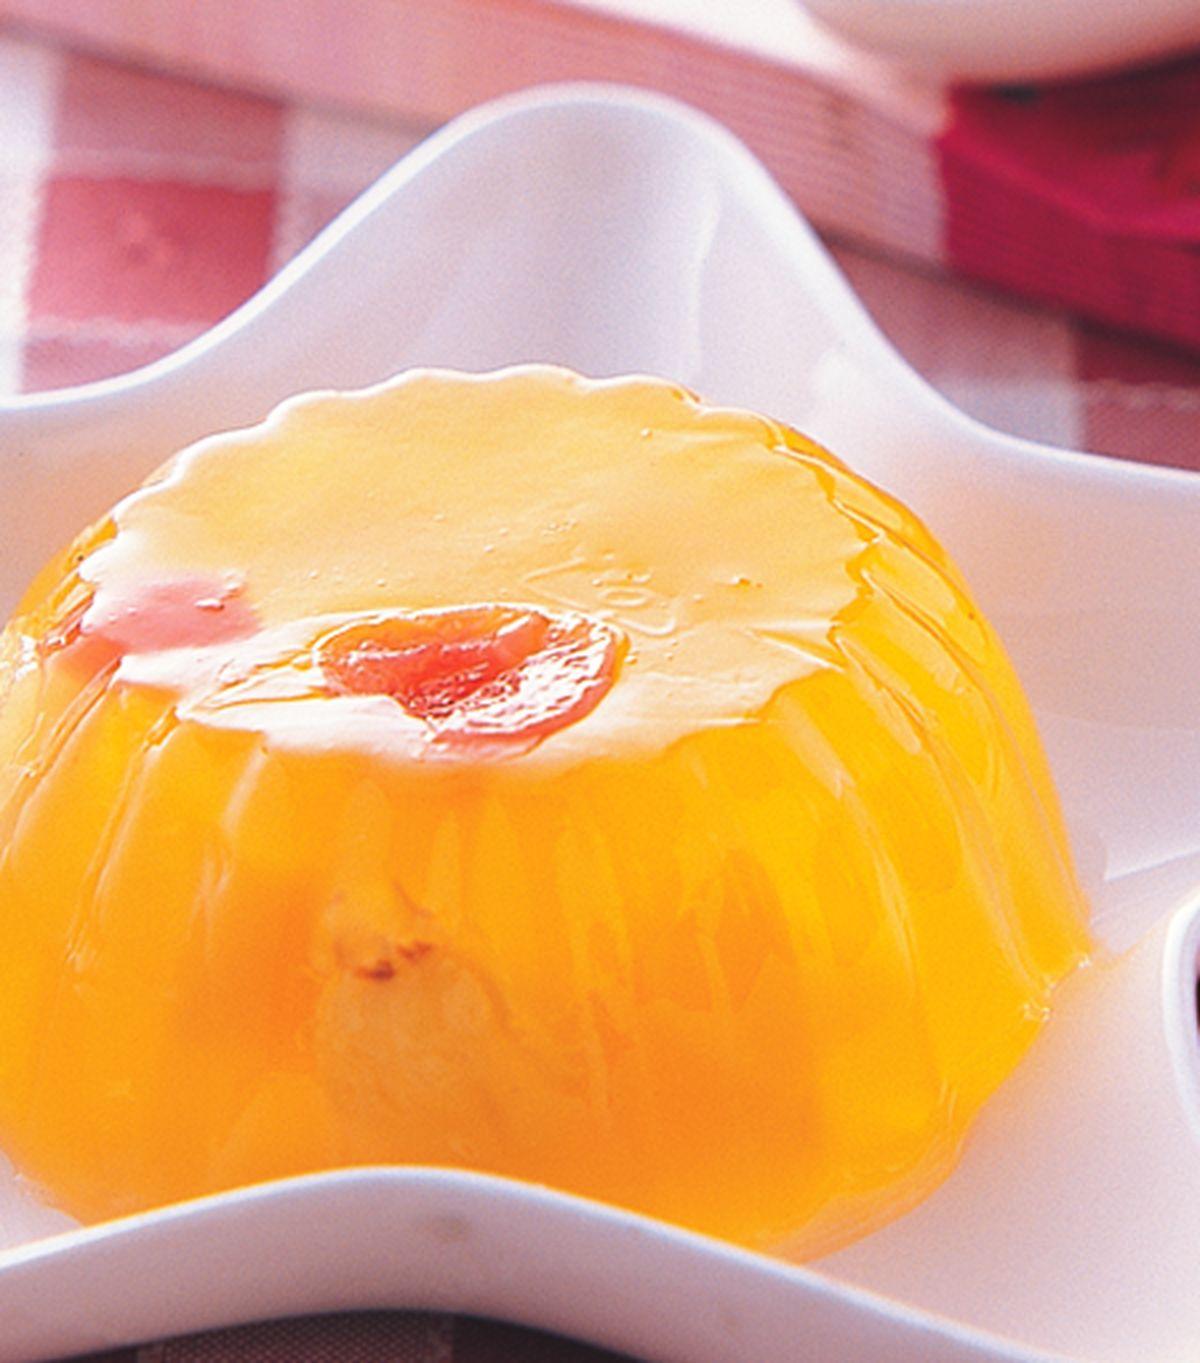 食譜:什錦水果凍